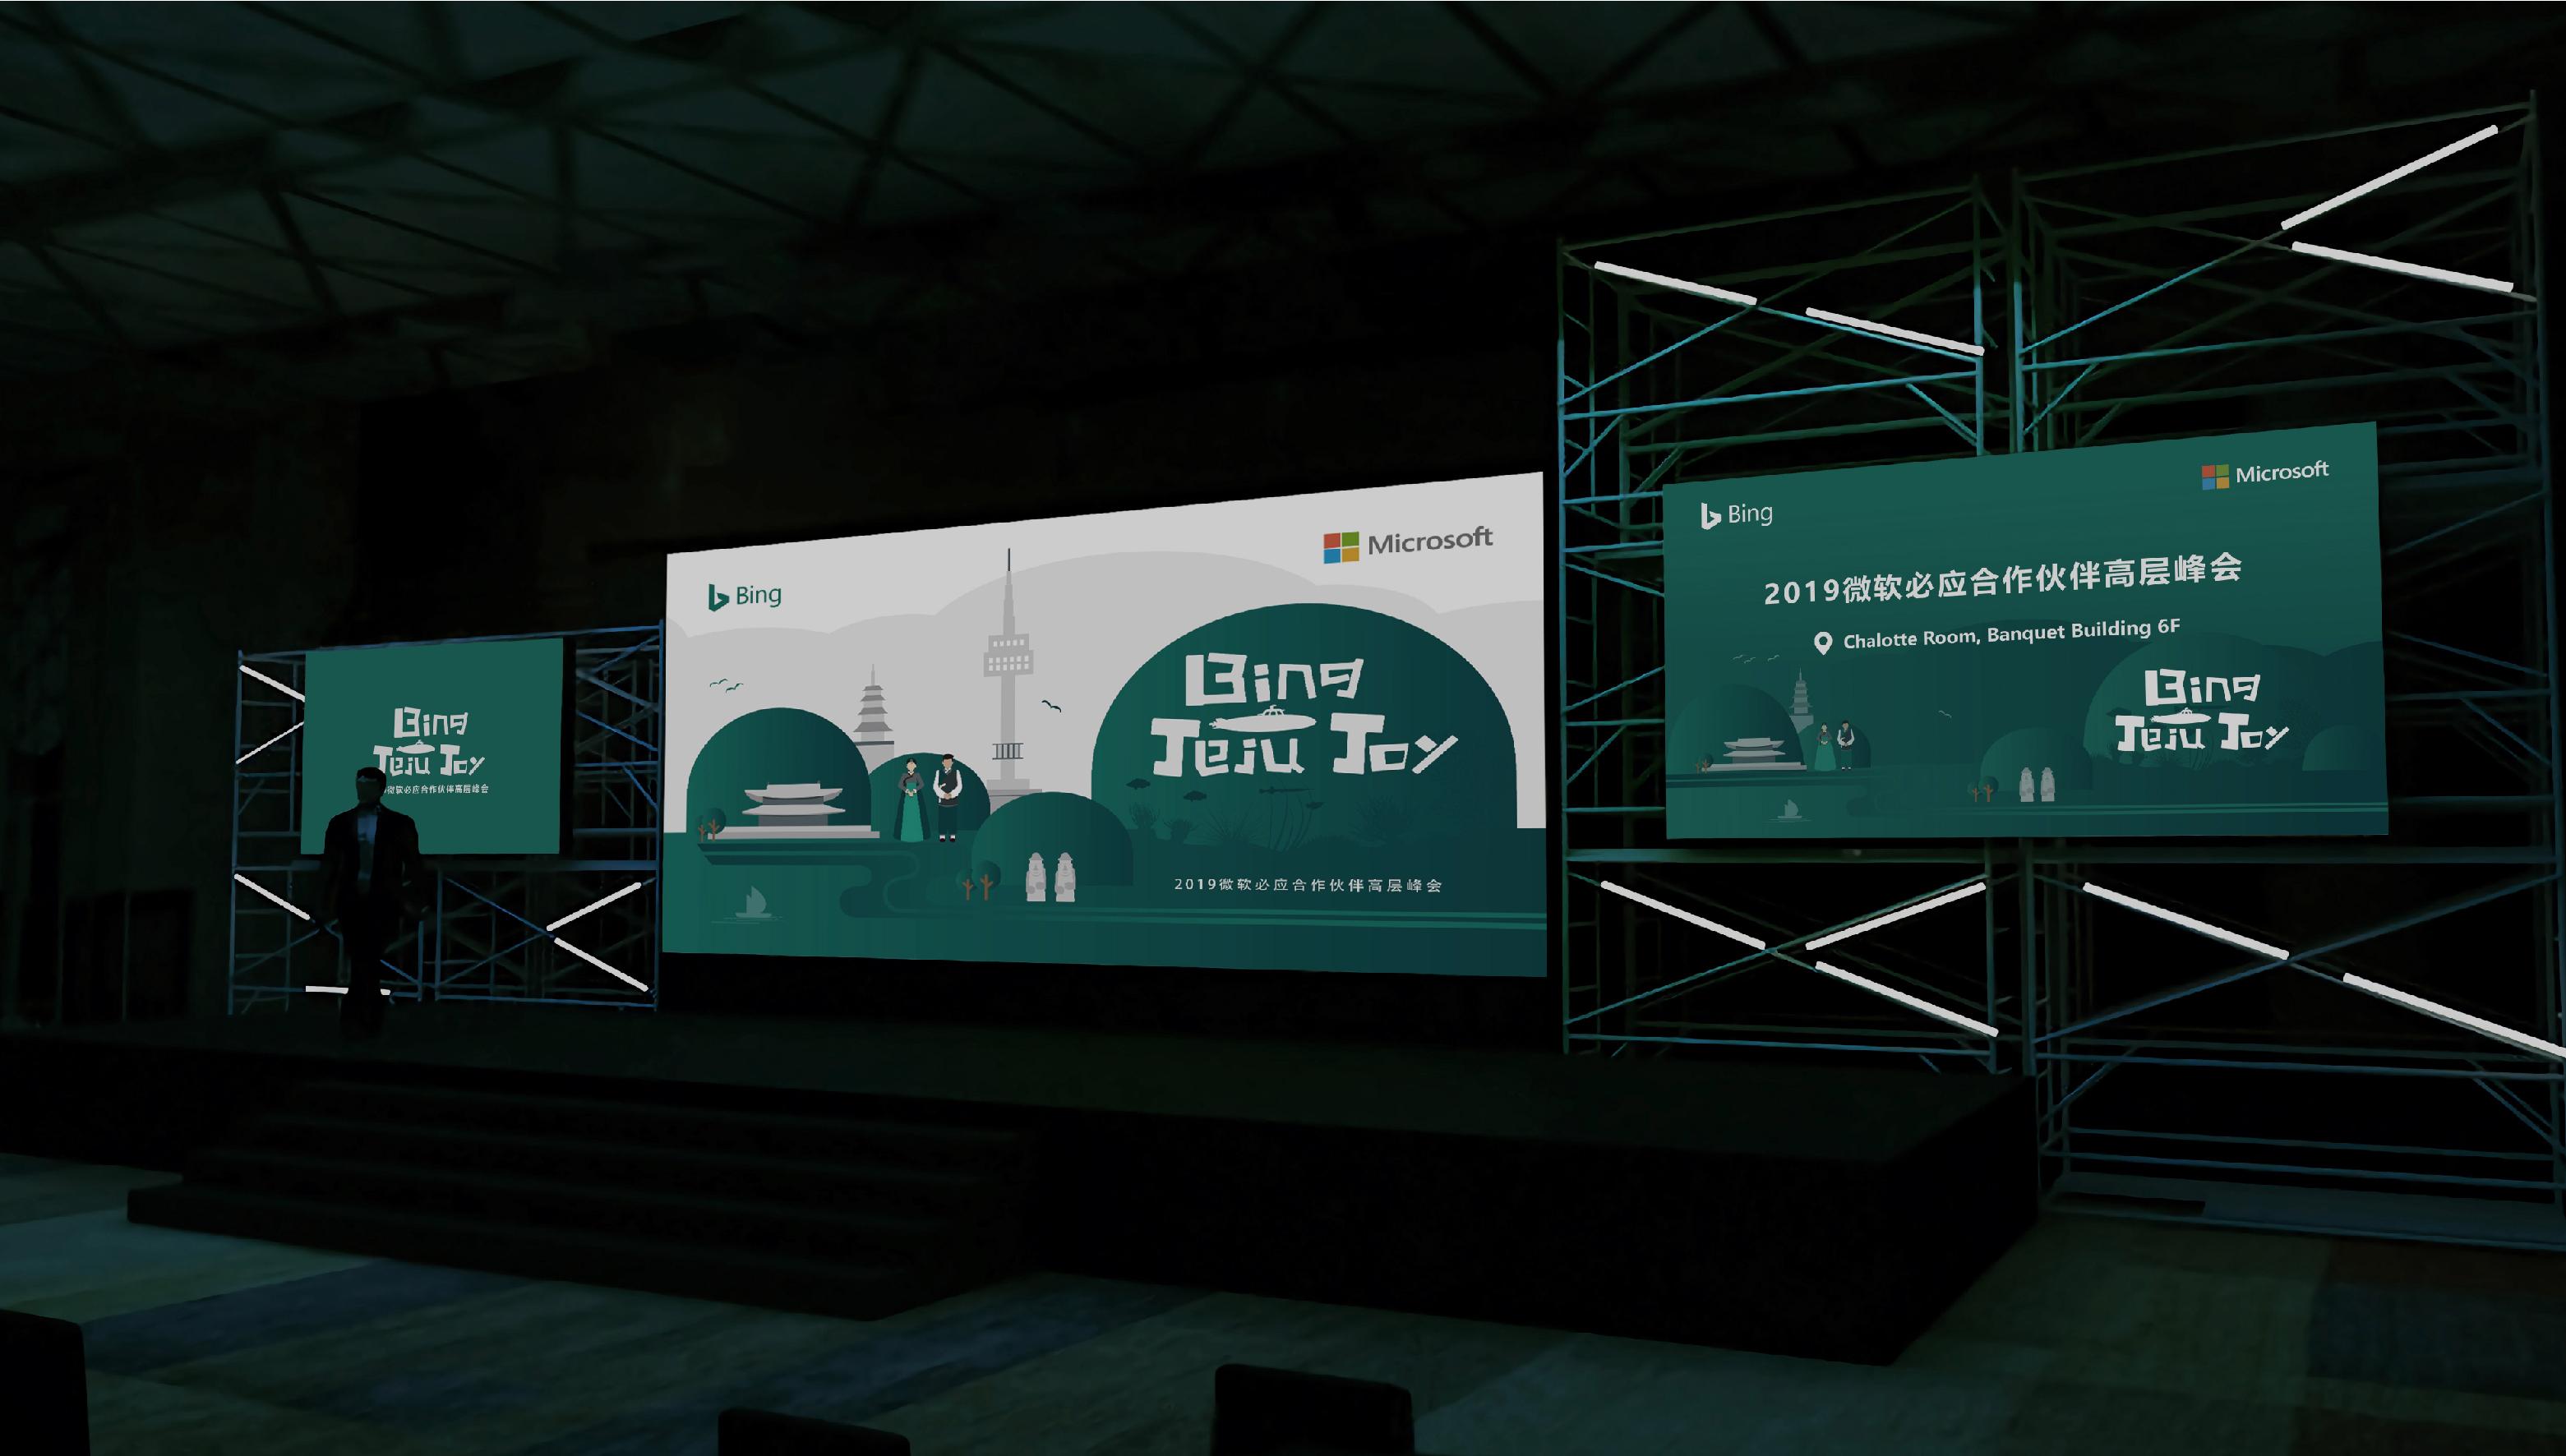 微軟必應2019峰會視覺設計